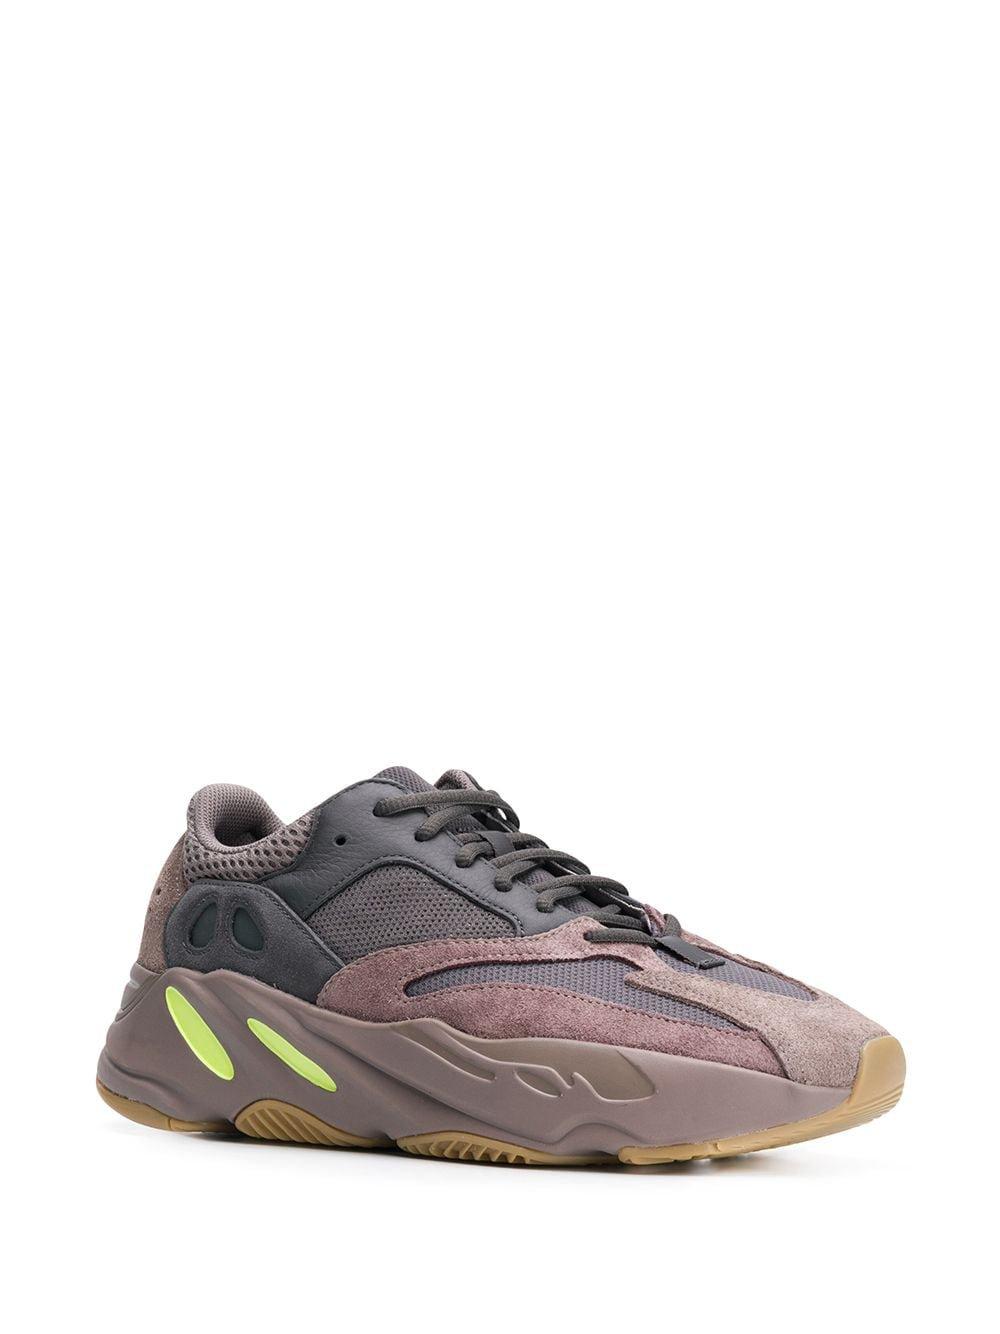 Adidas YEEZY Tenis Mauve Adidas x Yeezy Boost 700 - Farfetch